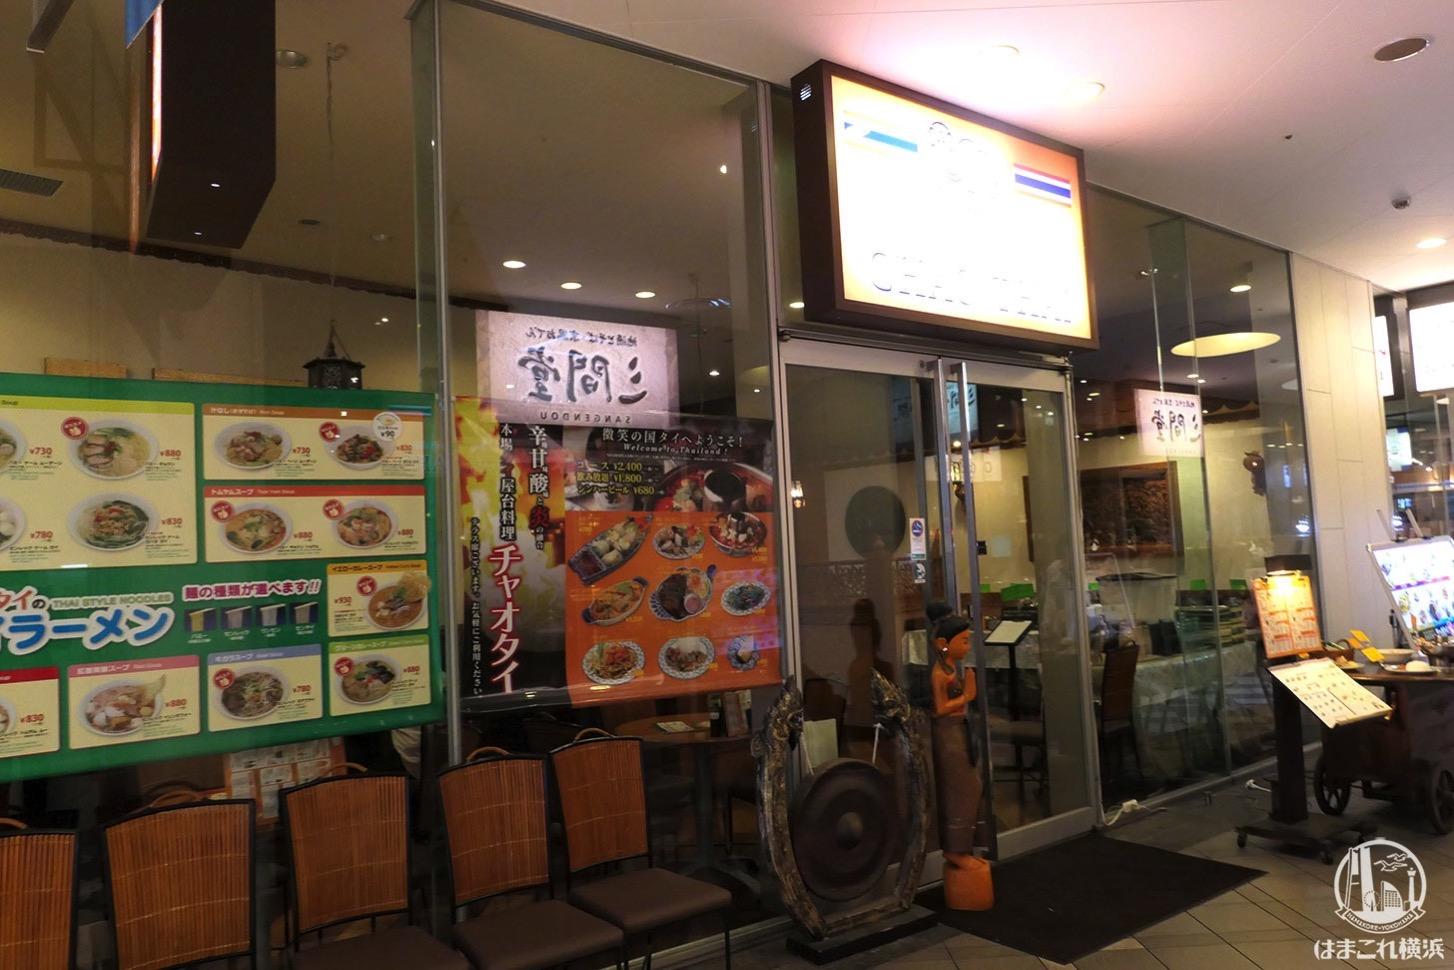 チャオタイ 横浜ベイクォーター店 外観